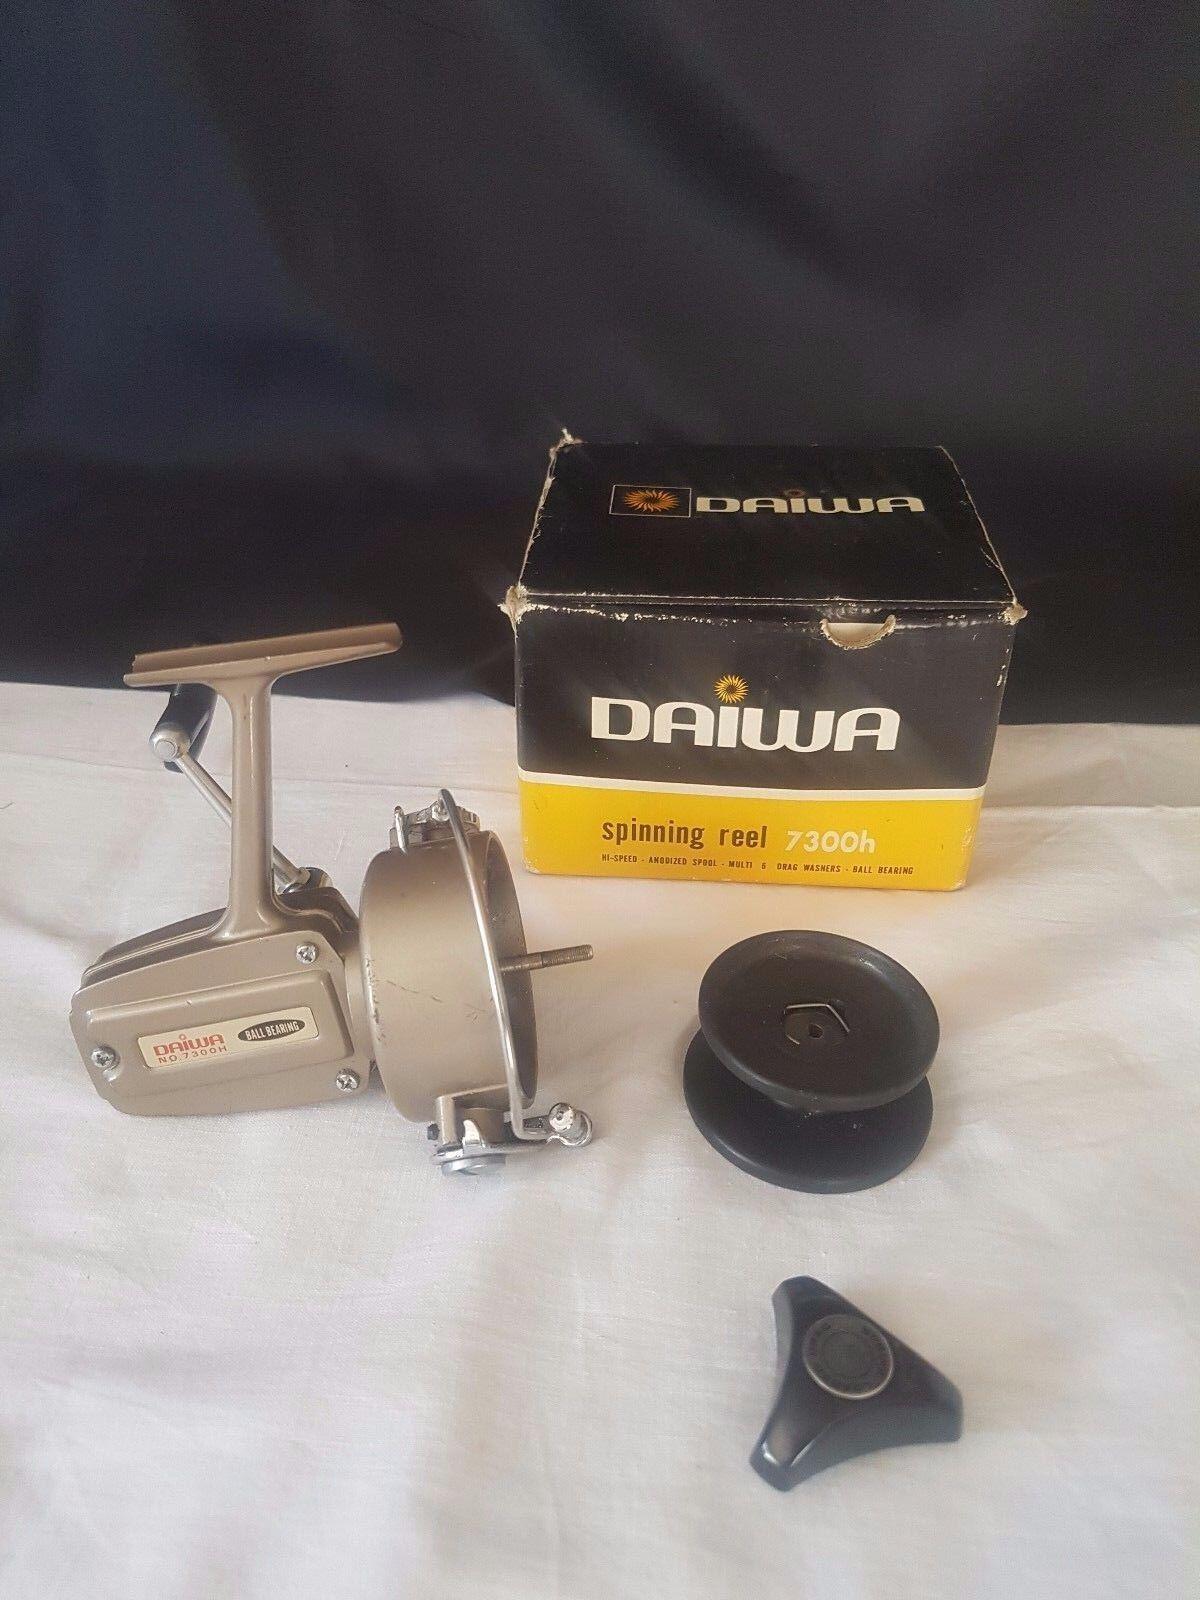 DAIWA 7300h 7300h 7300h Spinning Reel Fishing 44dc9e